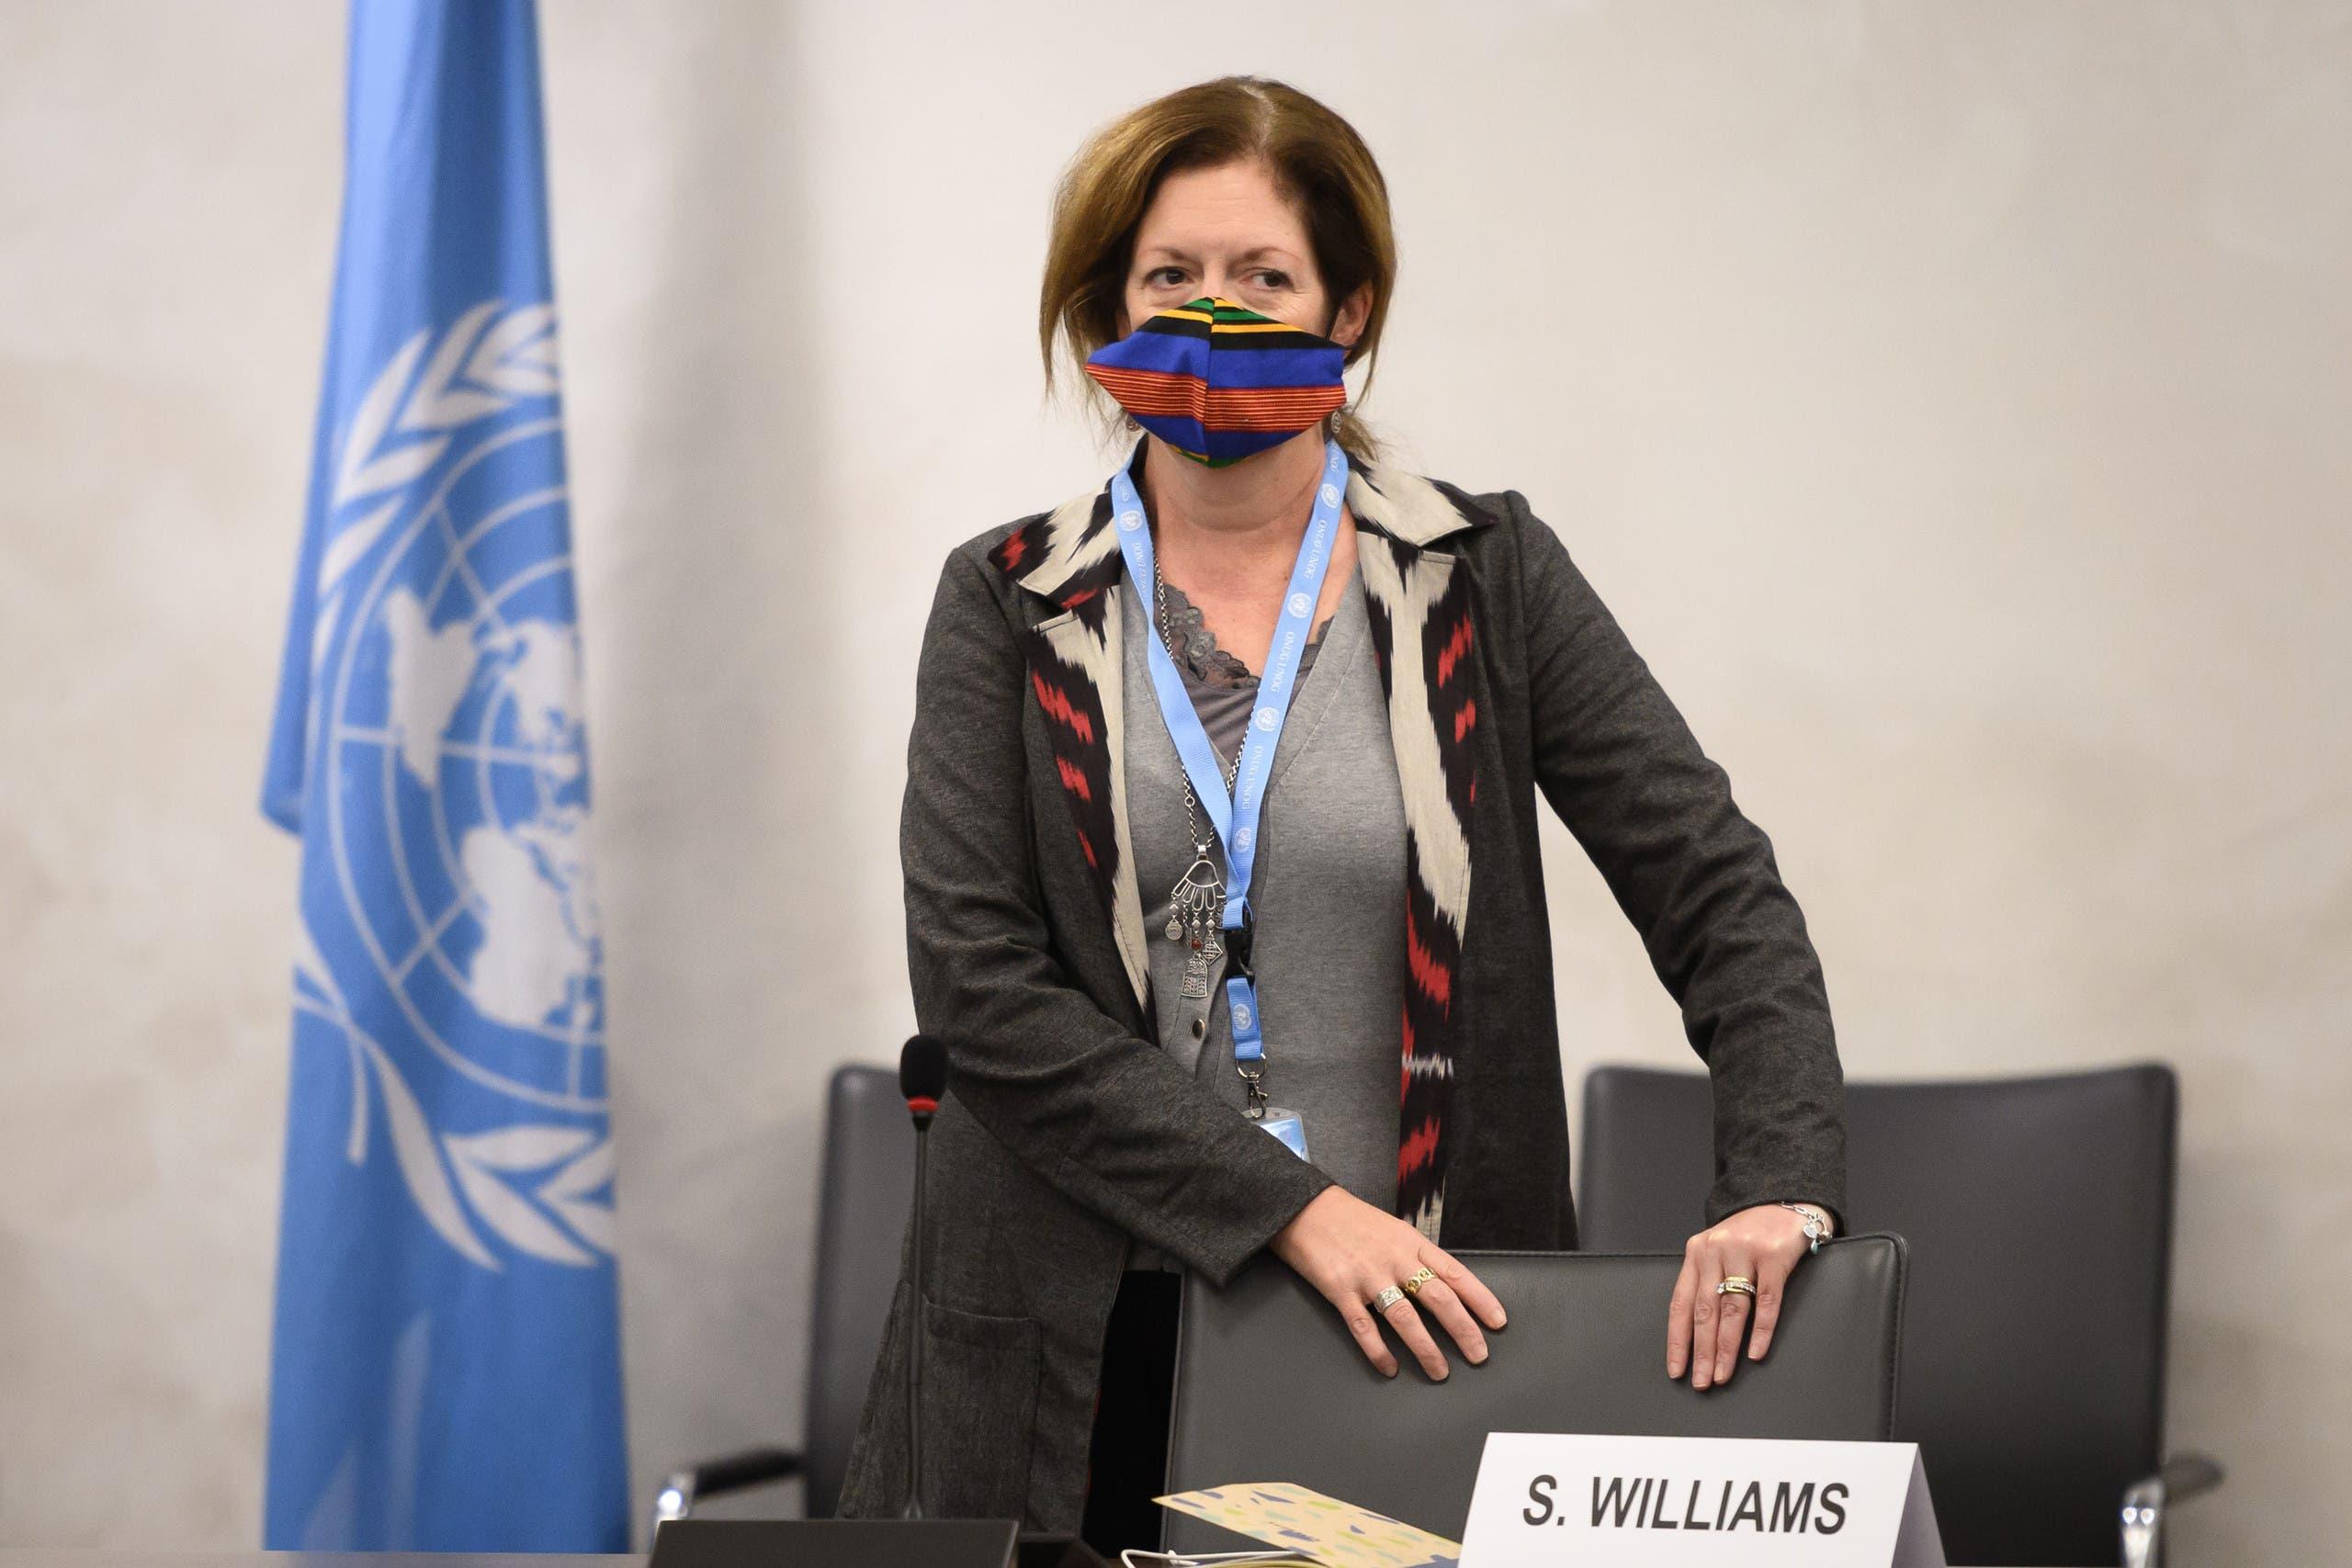 سفیر فعلی سازمان ملل در لیبی استفانی ویلیامز